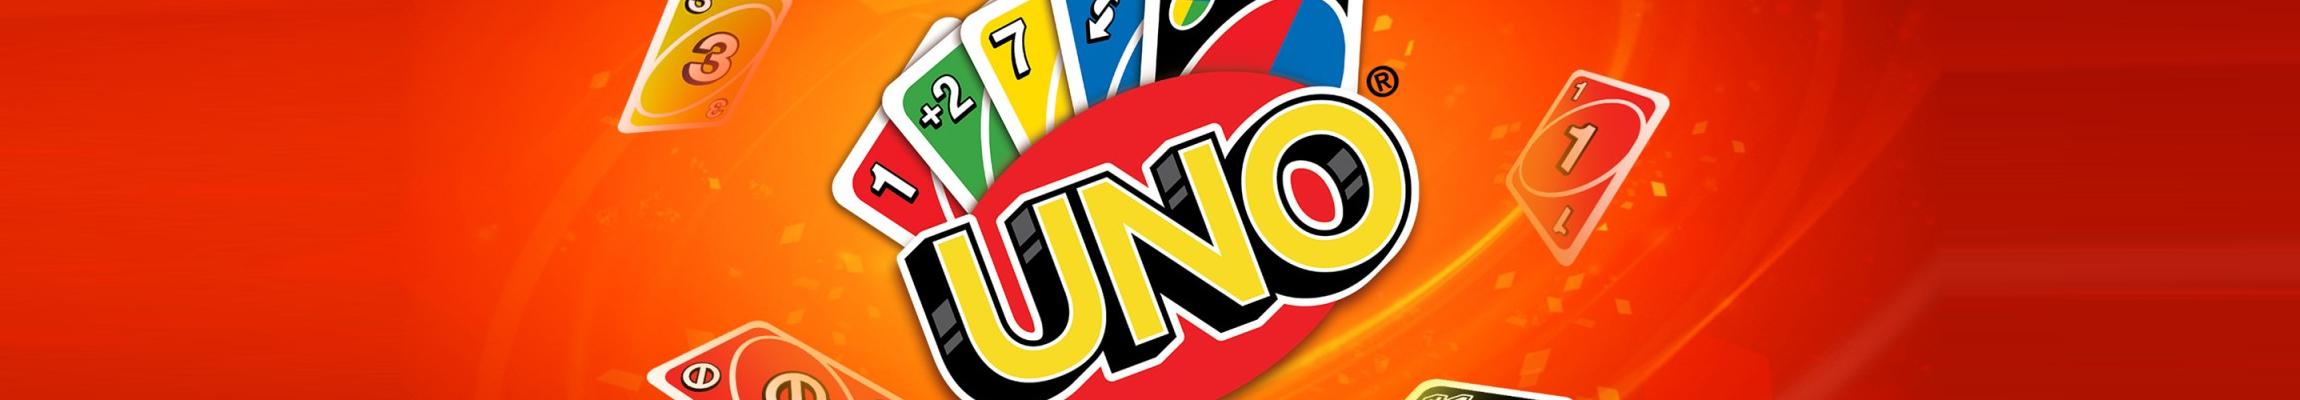 Header: UNO